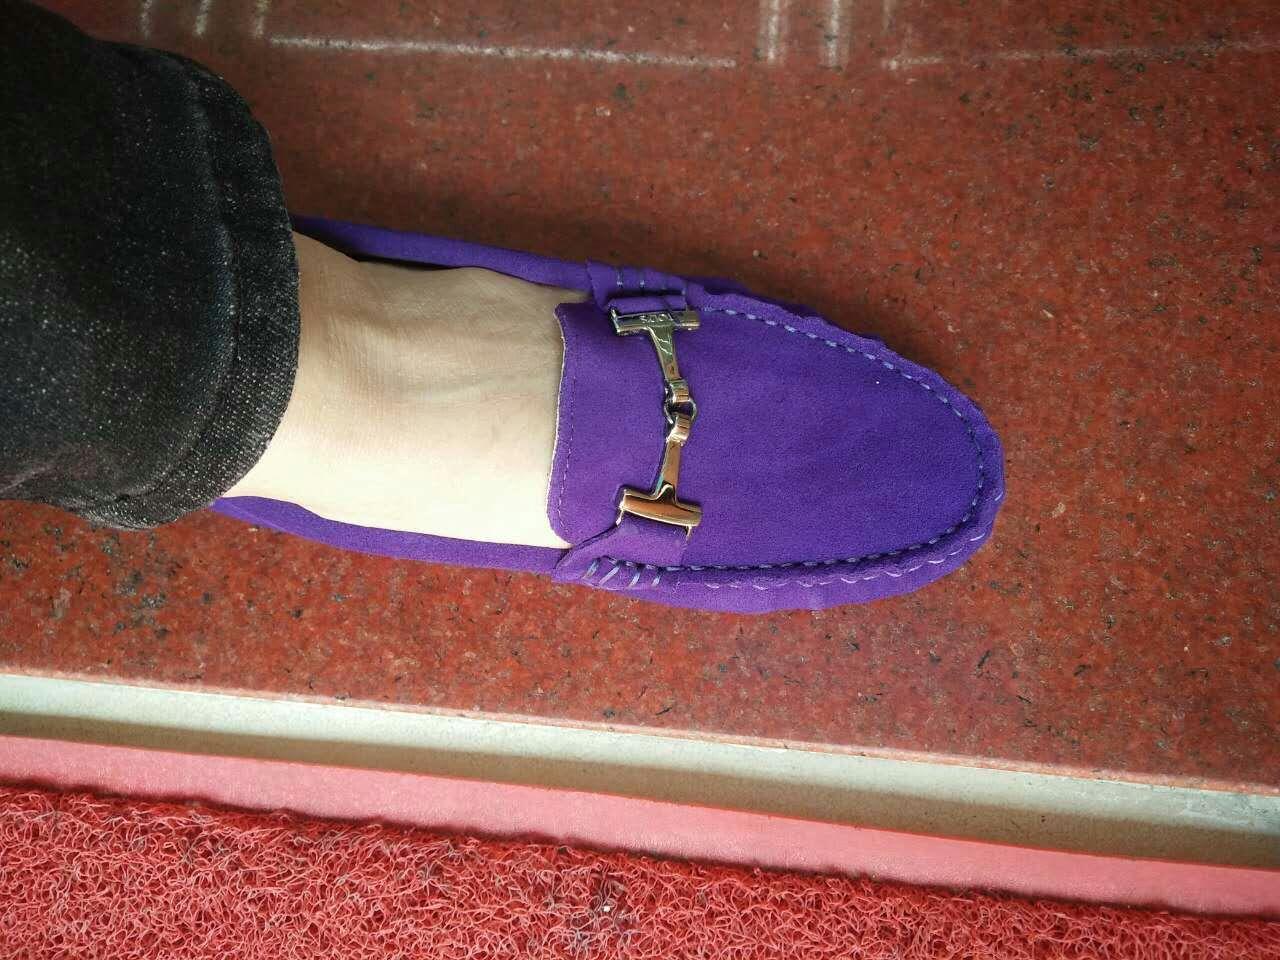 紫色豆豆鞋 新款手工潮流豆豆鞋 女鞋 单鞋 真皮磨砂牛皮深紫色 搭扣款休闲鞋_推荐淘宝好看的紫色豆豆鞋